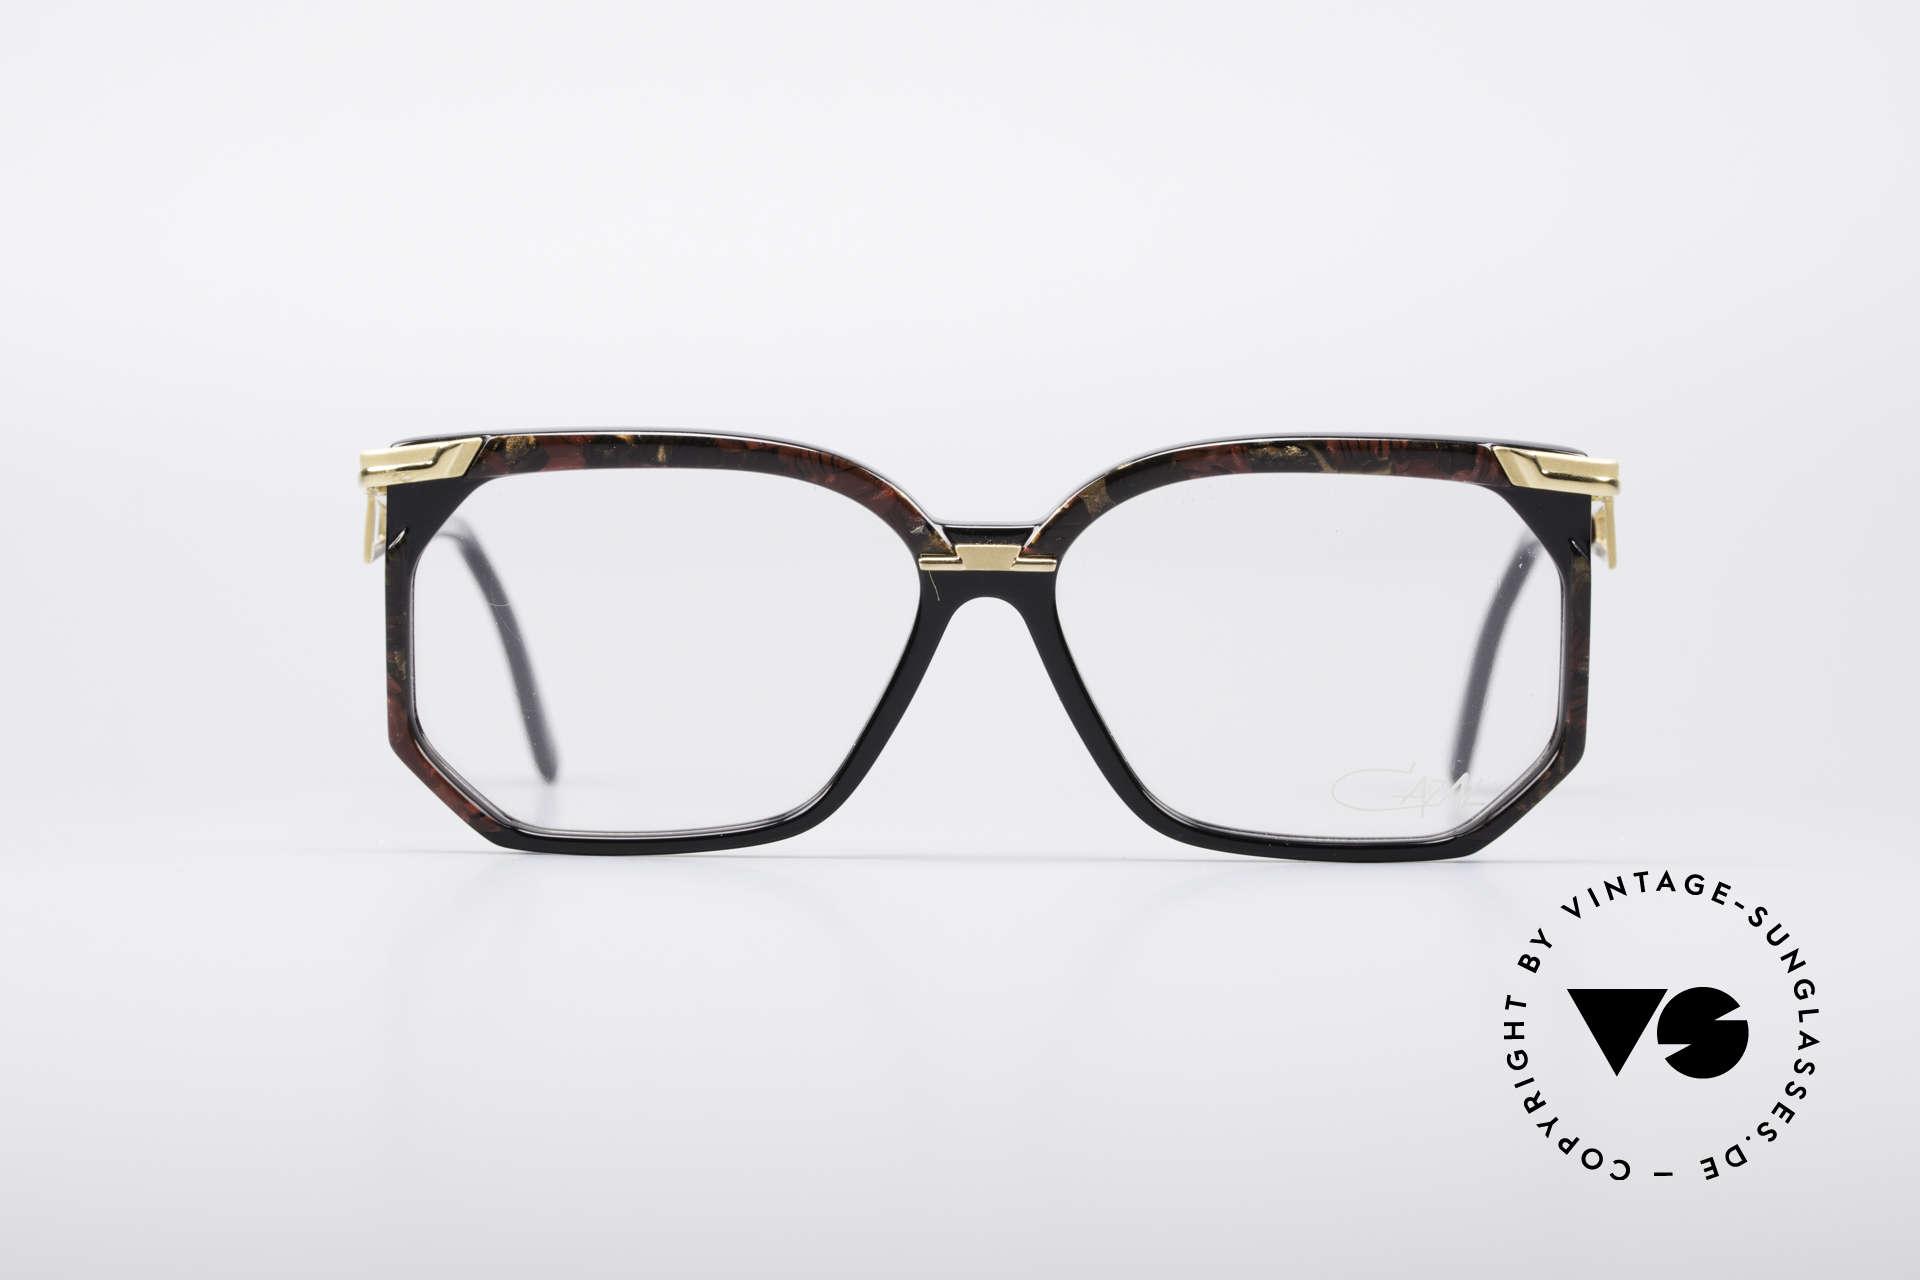 831e9203b9 Brillen Cazal 333 Echt Vintage HipHop Brille